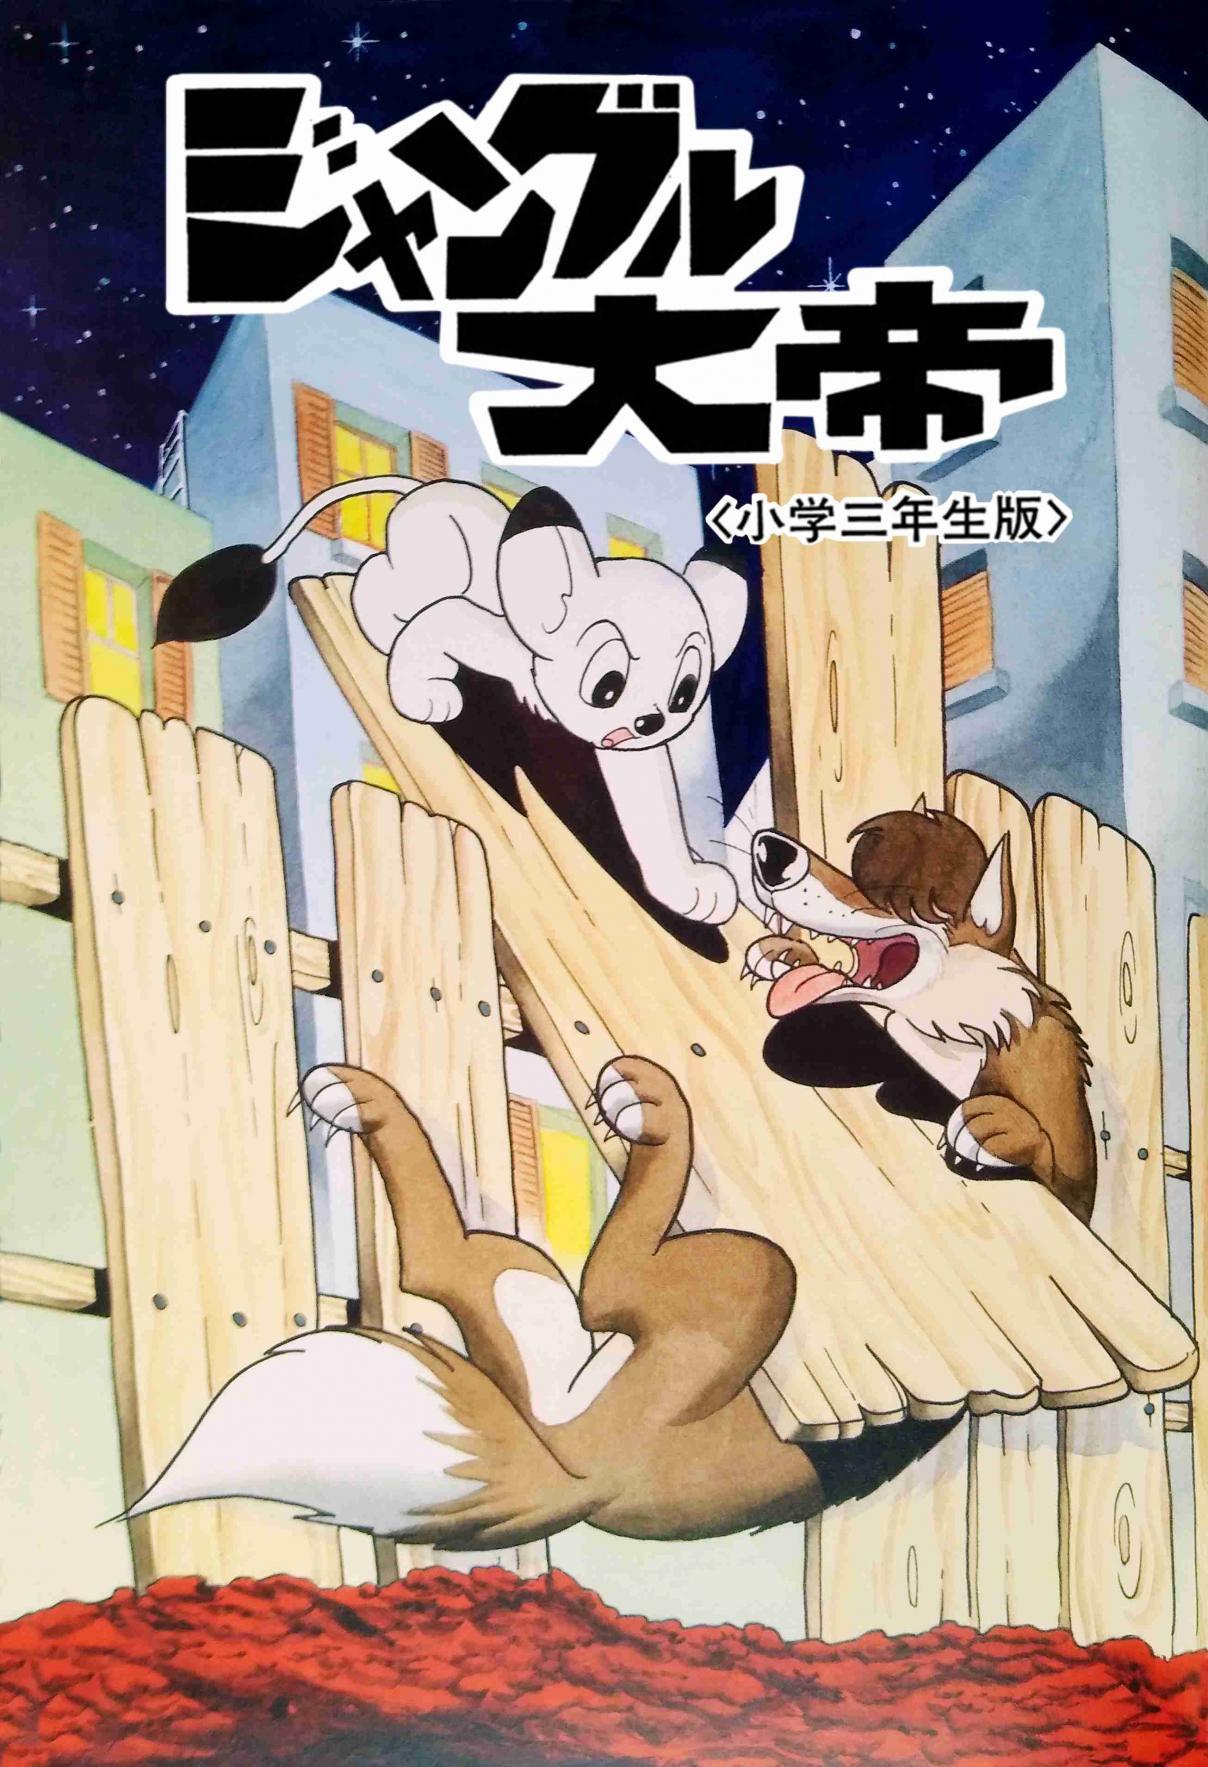 https://manga.mangadogs.com/comics/pic3/57/37433/1428990/9a0e0e49115ee7b6b1a46495d08cd804.jpg Page 1